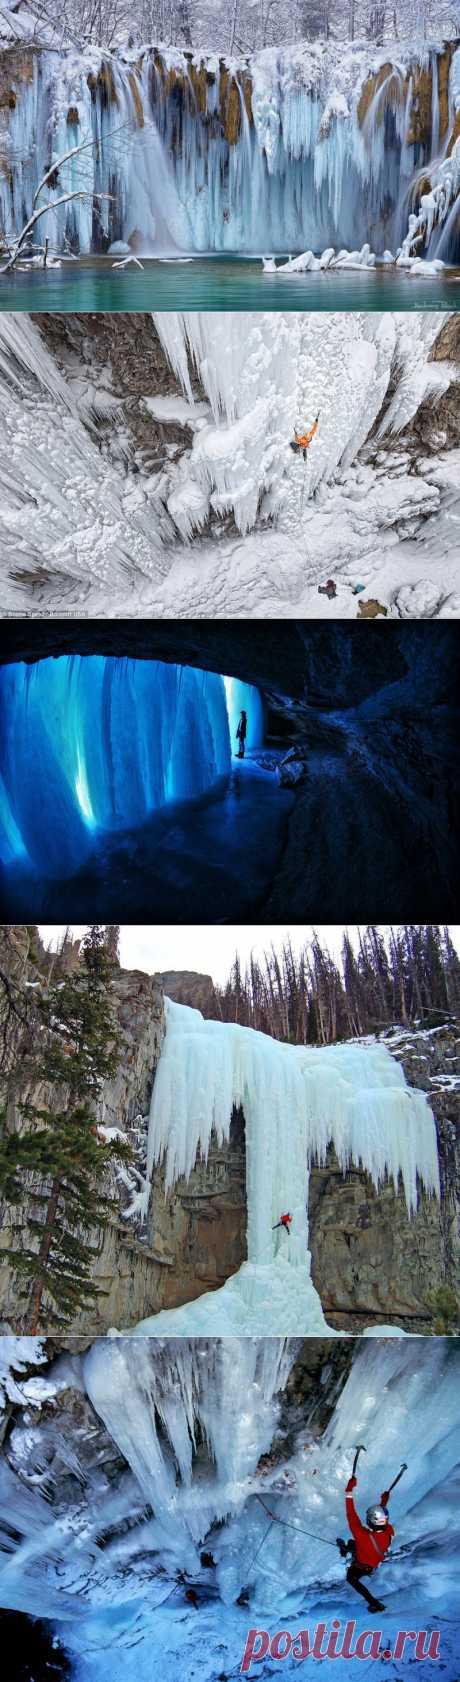 Удивительные замерзшие водопады по всему миру : НОВОСТИ В ФОТОГРАФИЯХ